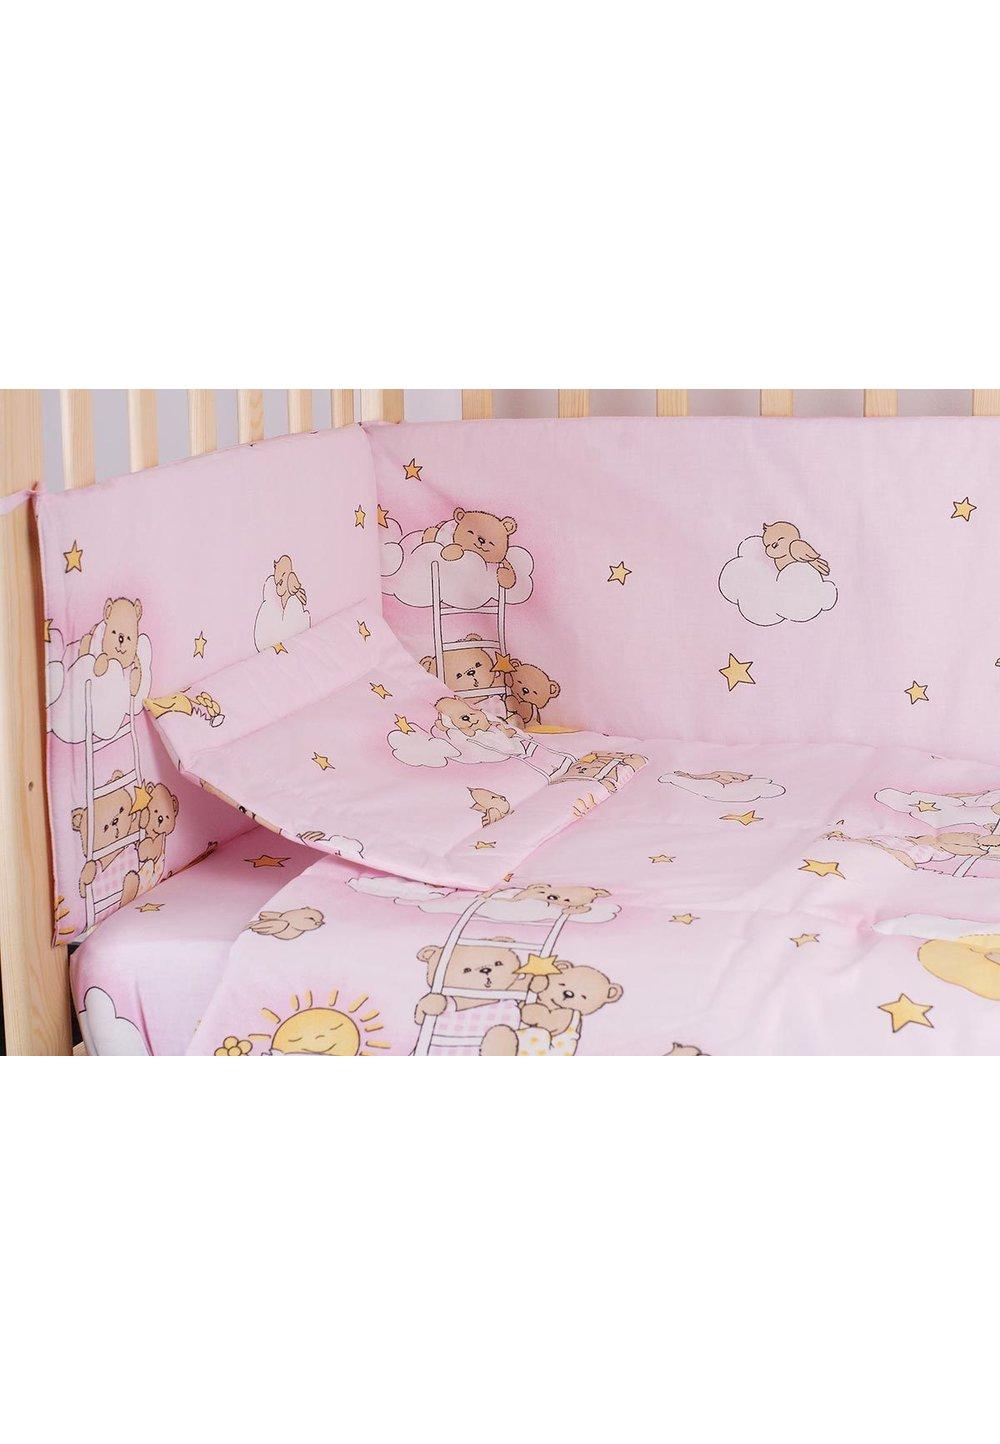 Lenjerie ursuletul somnoros,roz 5 piese 120x60 cm imagine